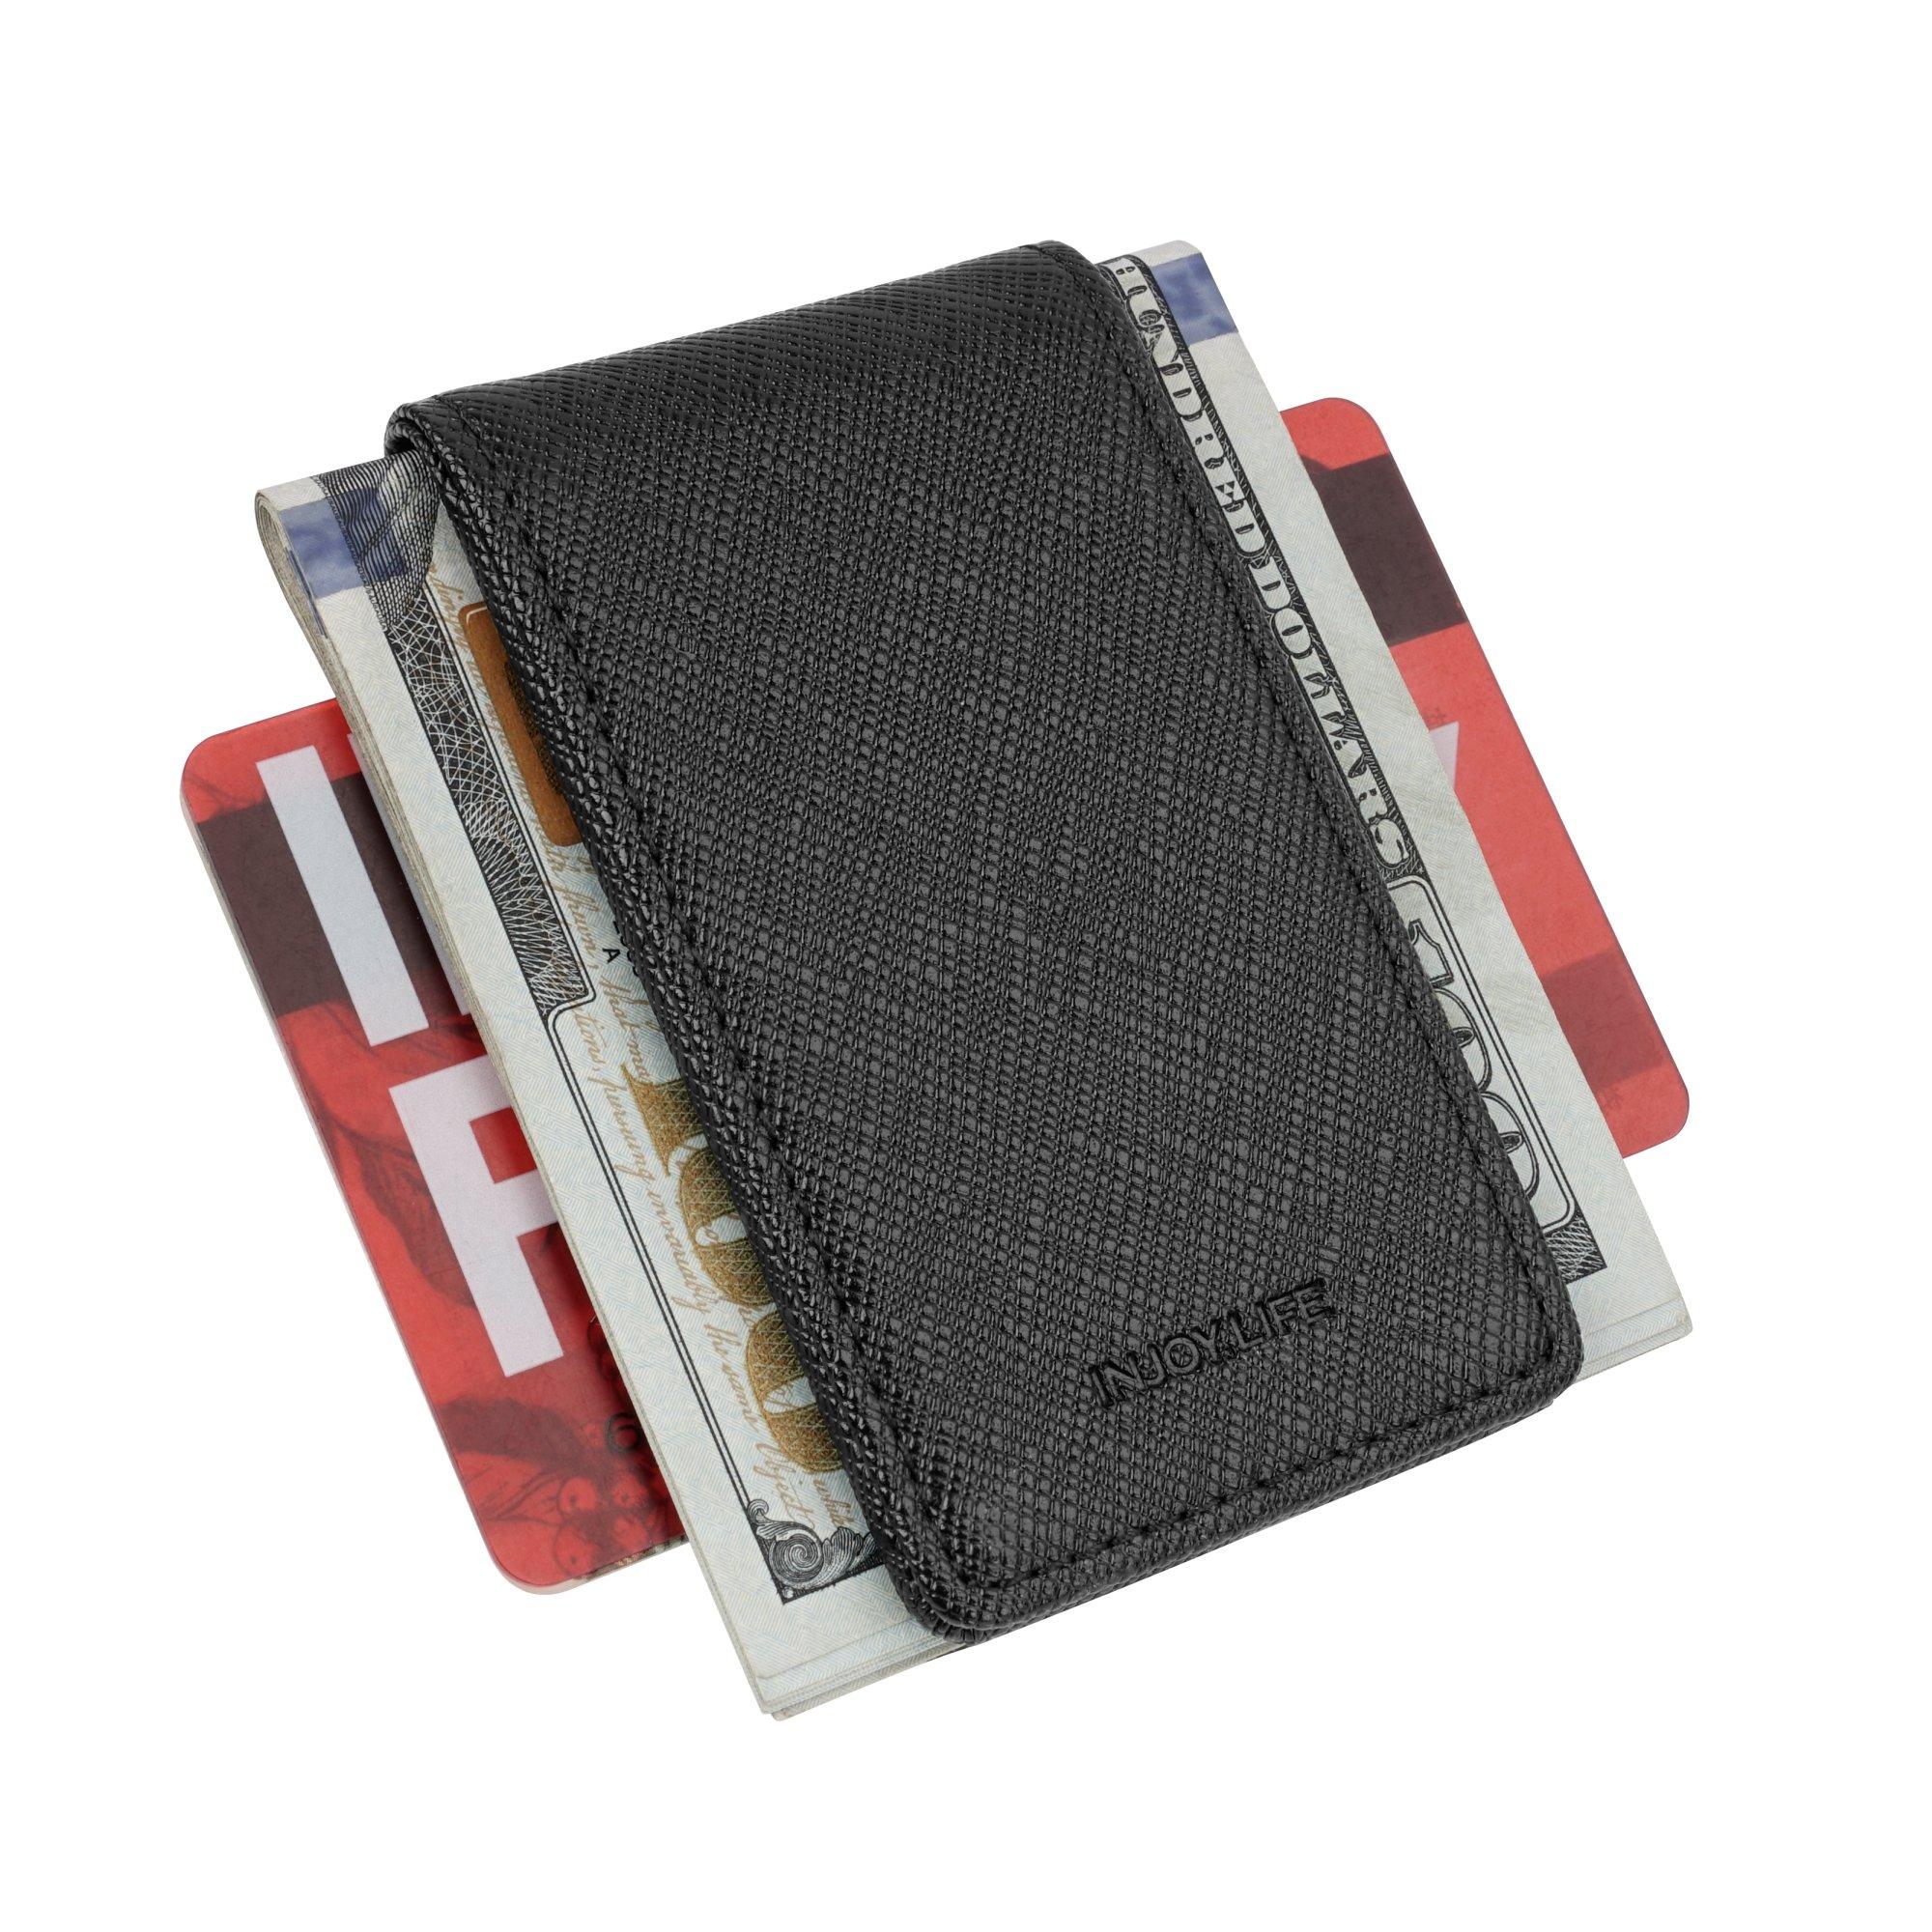 INJOYLIFE Leather Magnetic Slim Pocket Money Clip Holder Hot Sale Wallet for Men (Black) by INJOYLIFE